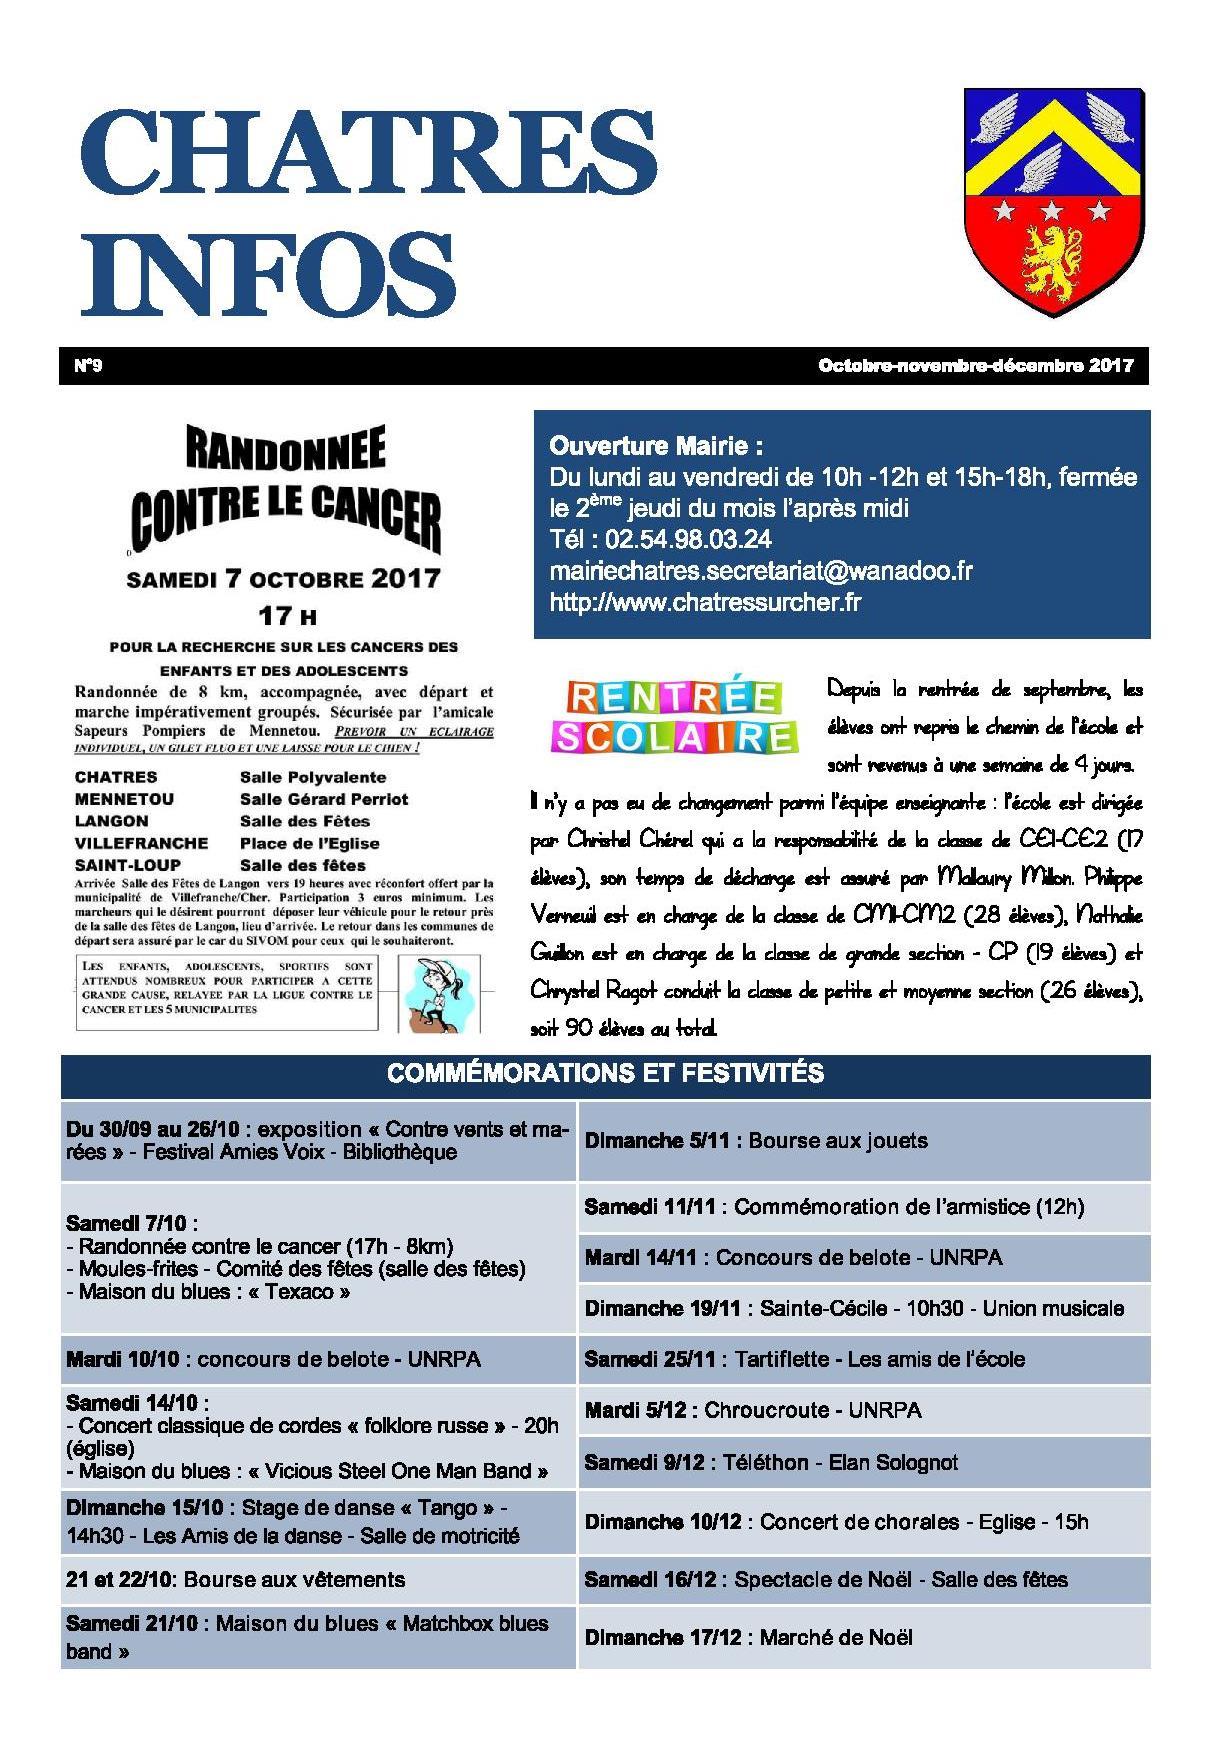 chatres-infos-9